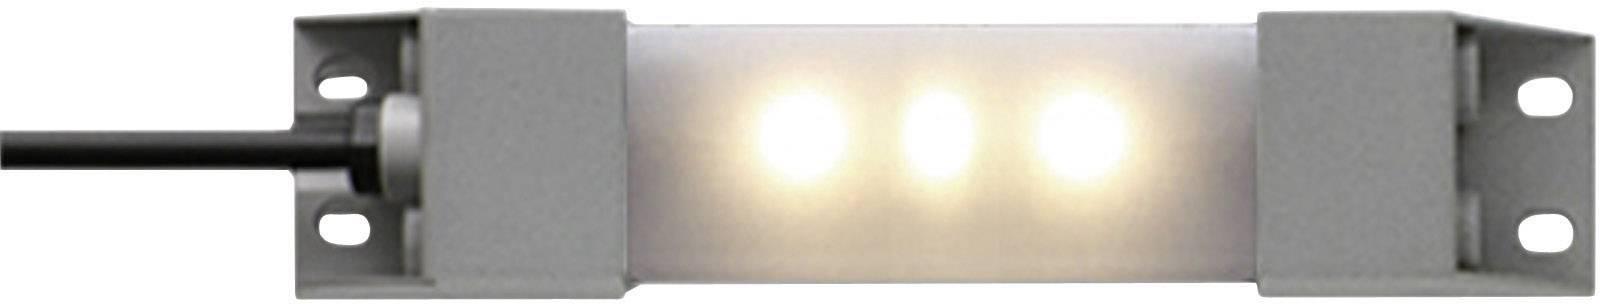 LED osvětlení zařízení LUMIFA Idec LF1B-NA4P-2TLWW2-3M, 24 V/DC, teplá bílá